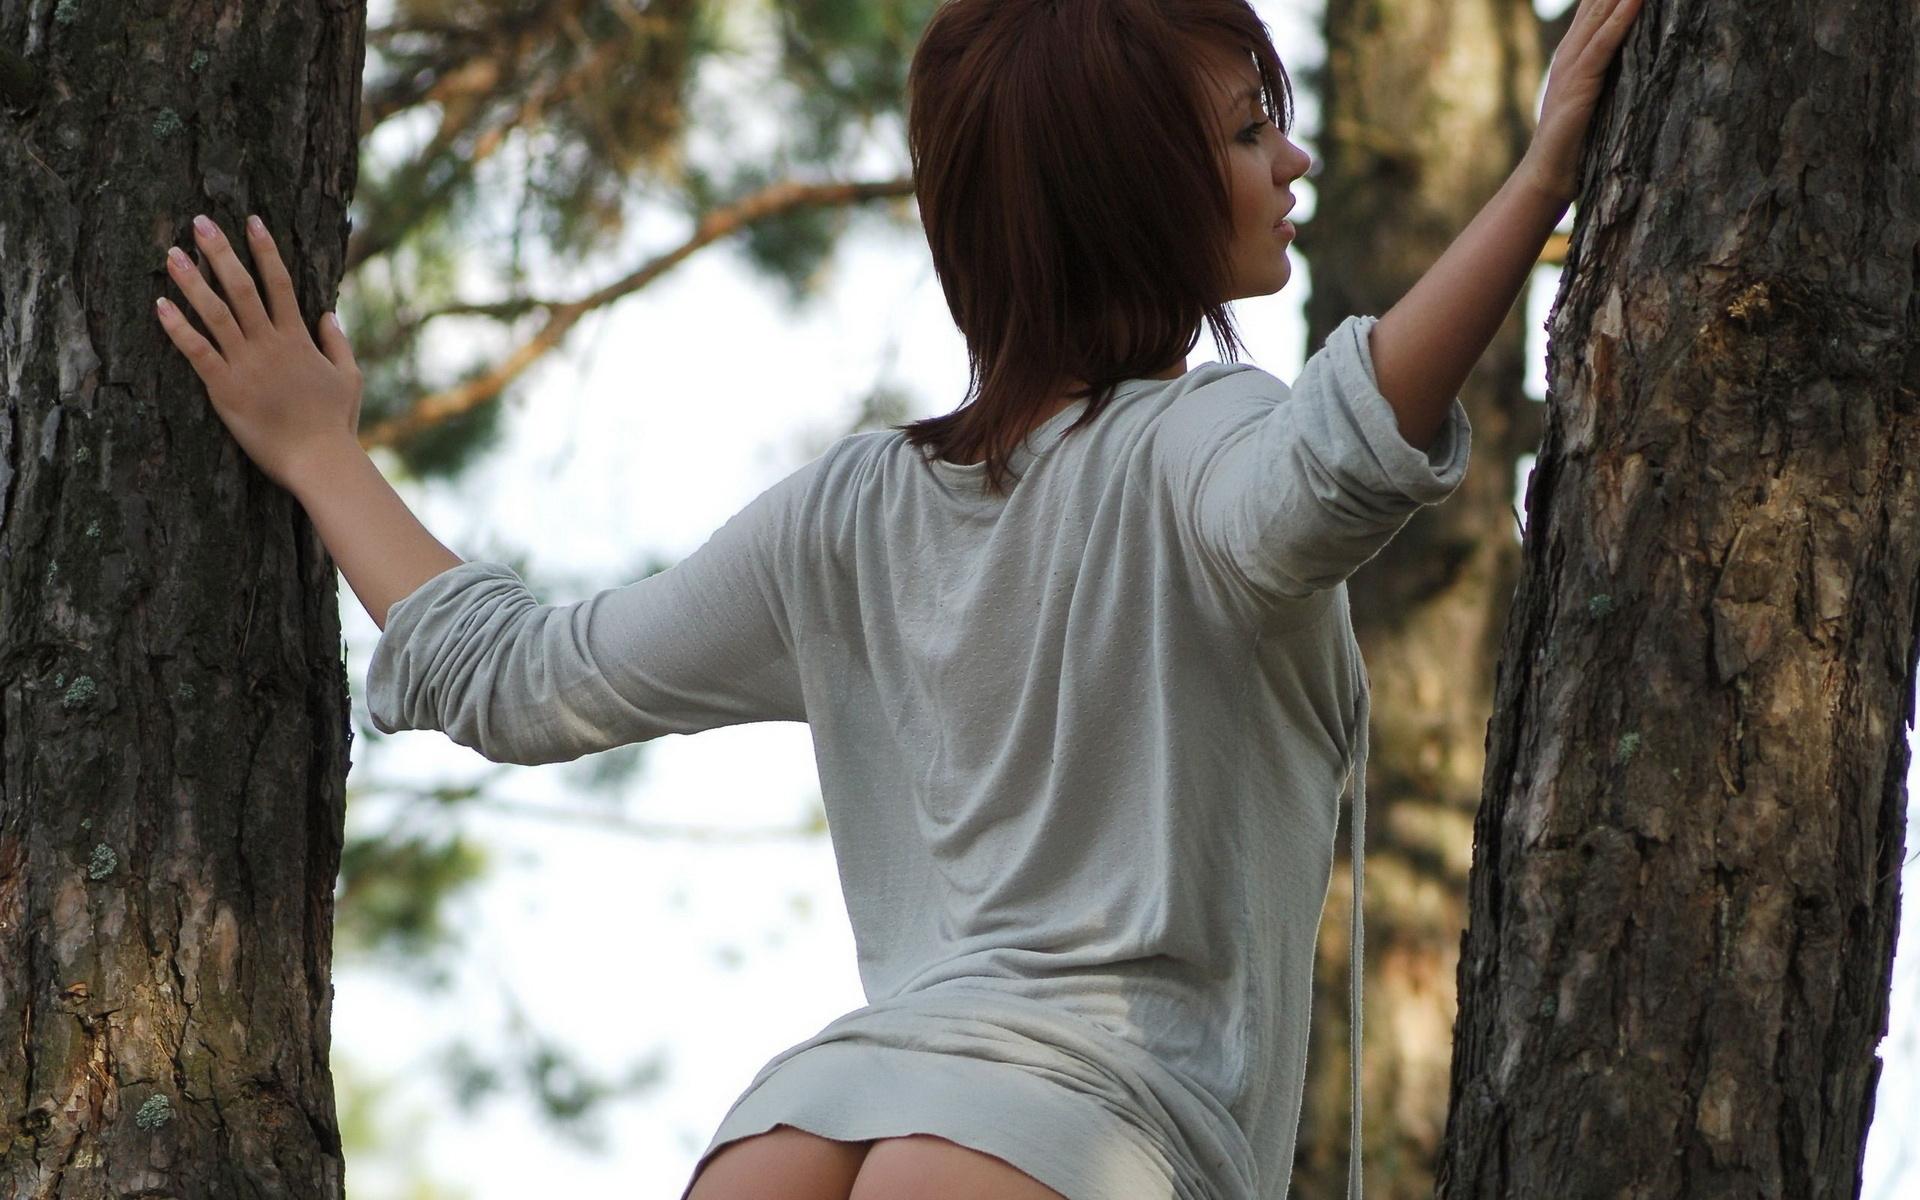 Фигуристая девица в масле позирует рядом с красивой машиной в лесу 26 фотография